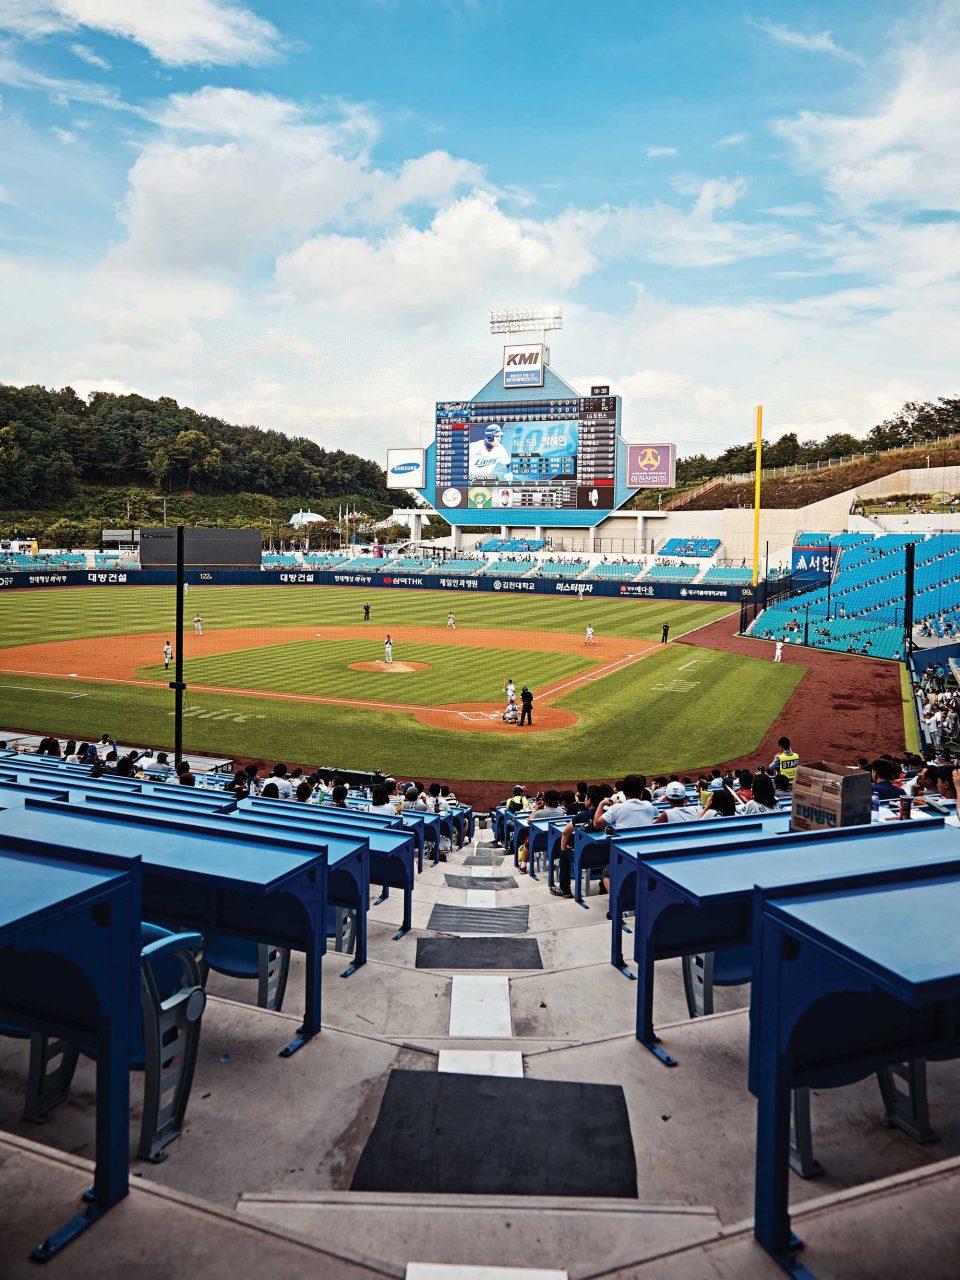 삼성라이온즈를 상징하는 파란색을 메인 컬러로 경기장을 지었다. 야구장의 파란테이블과 파란 하늘, 초록 잔디가 조화롭다.